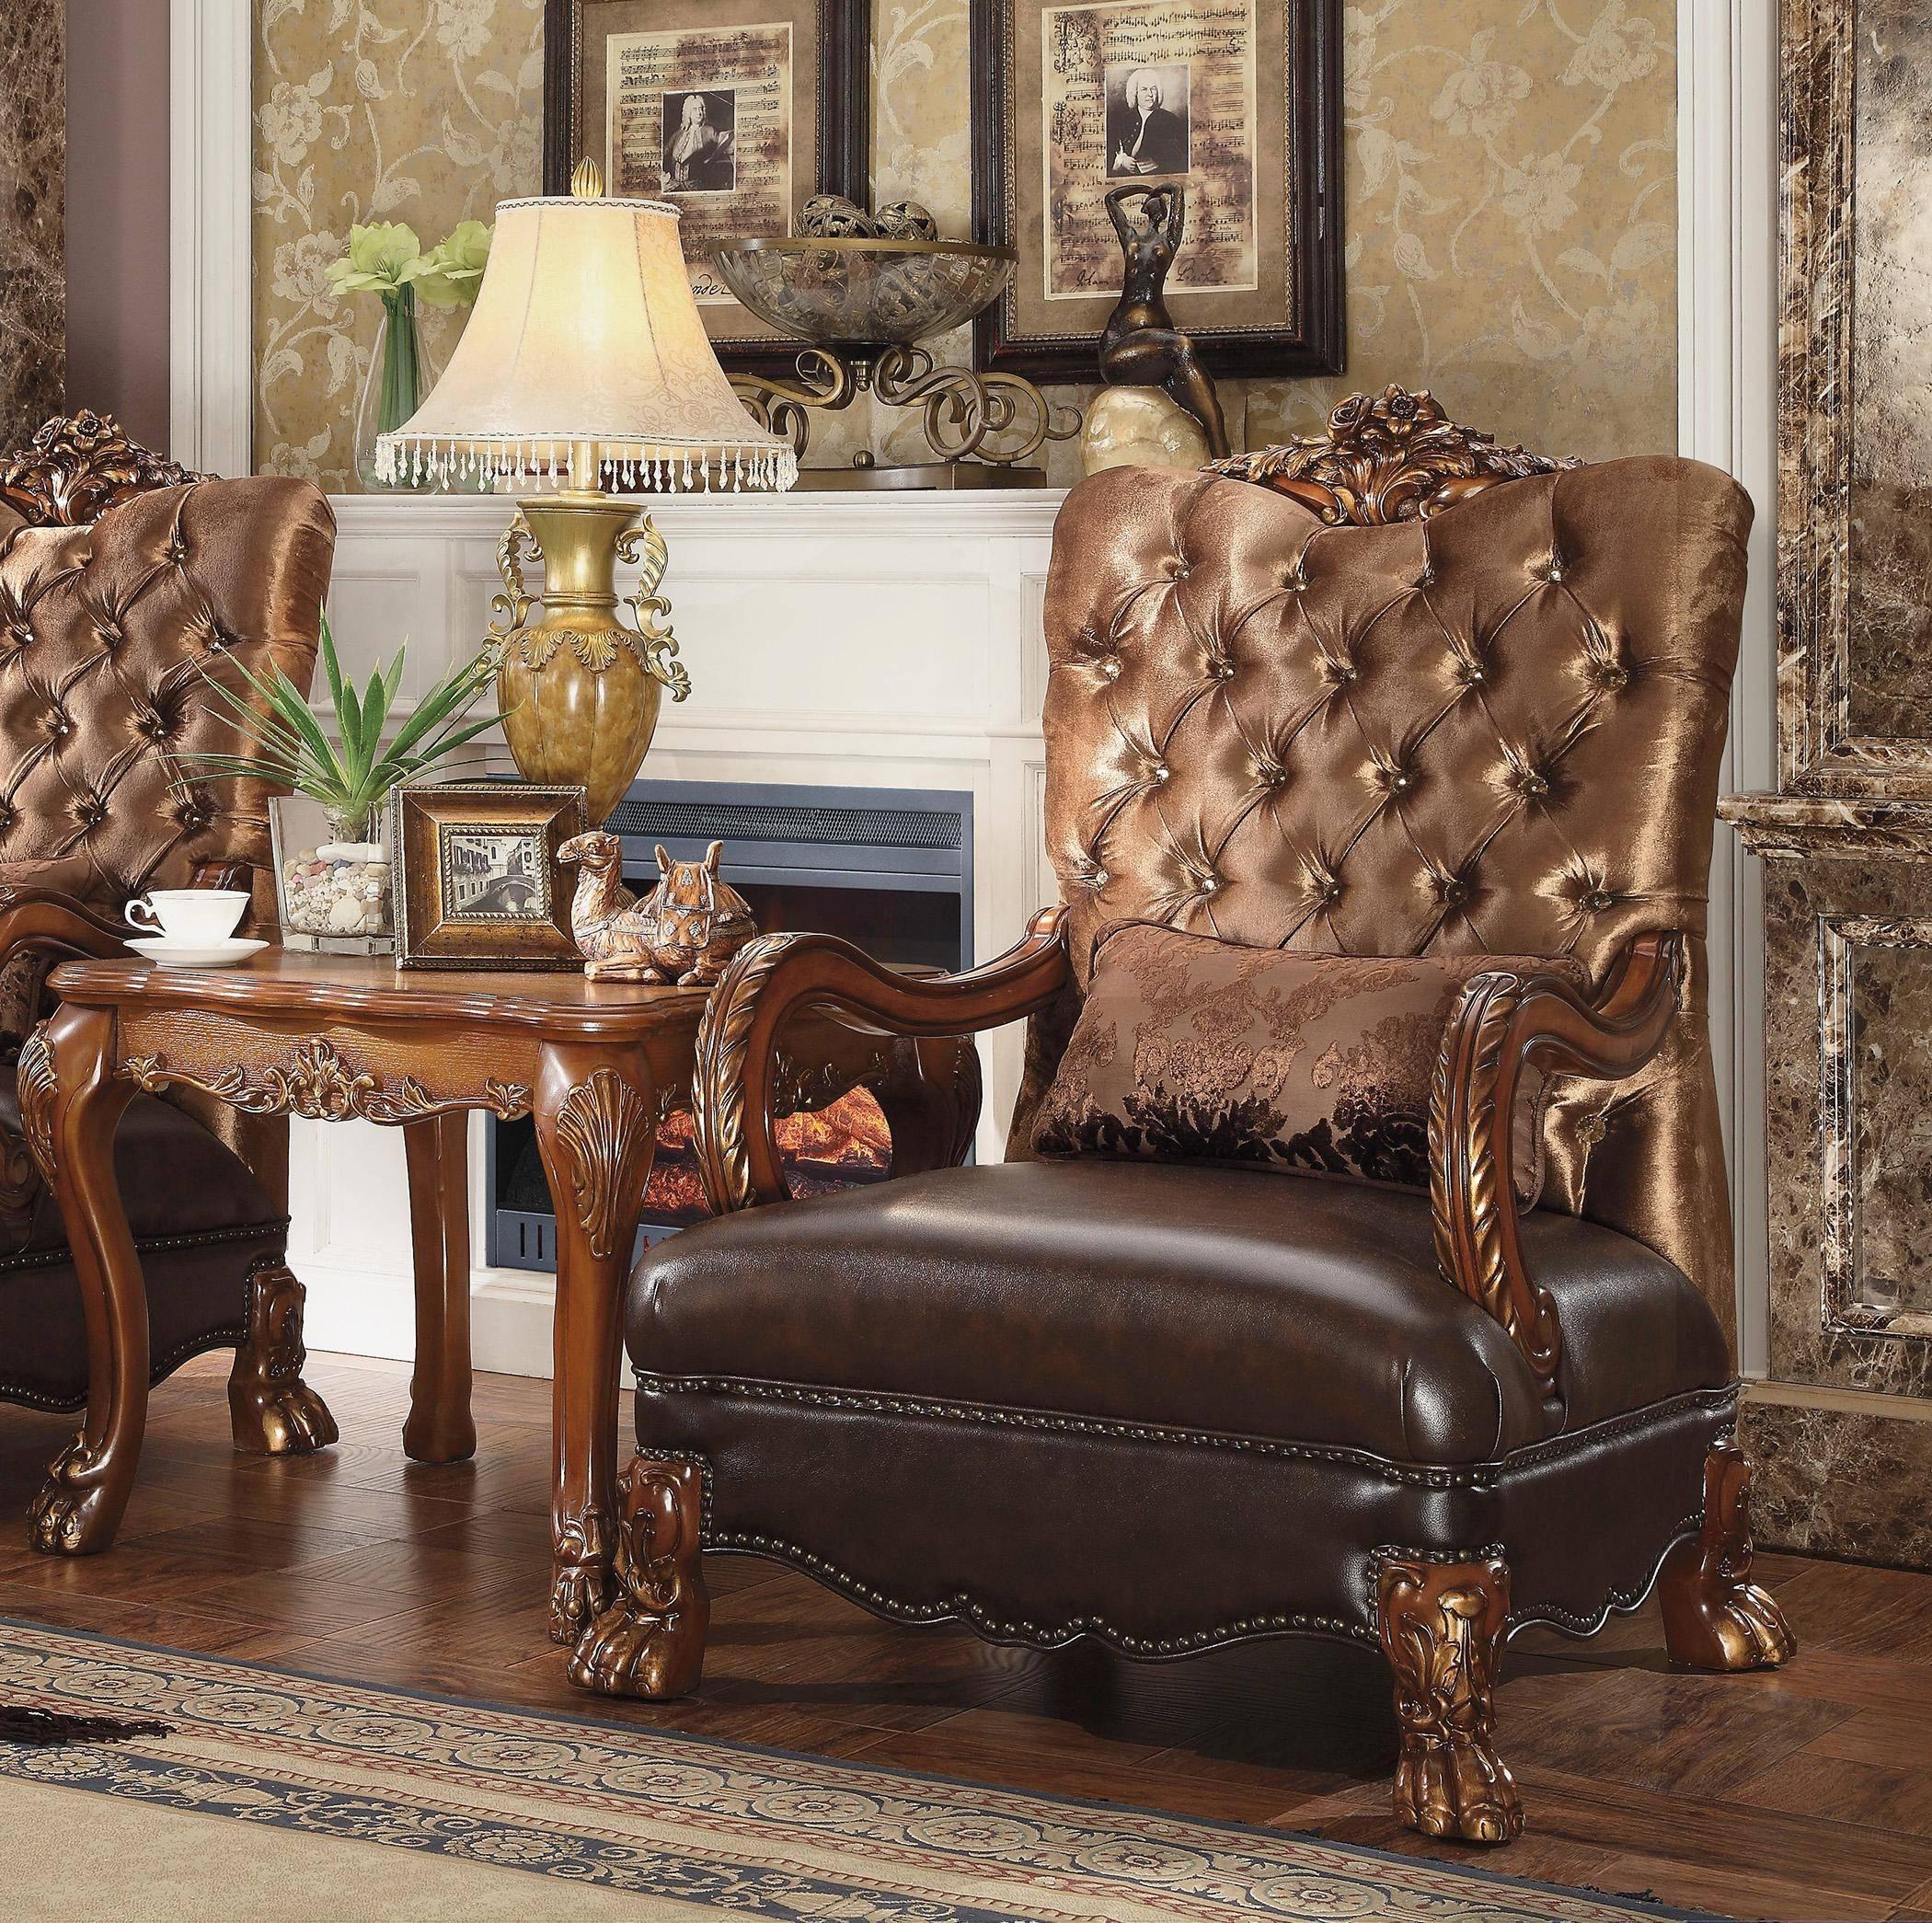 Picture of: Buy Acme Dresden 52097 Accent Chair 2 Pcs In Cherry Golden Brown Oak Velvet Online